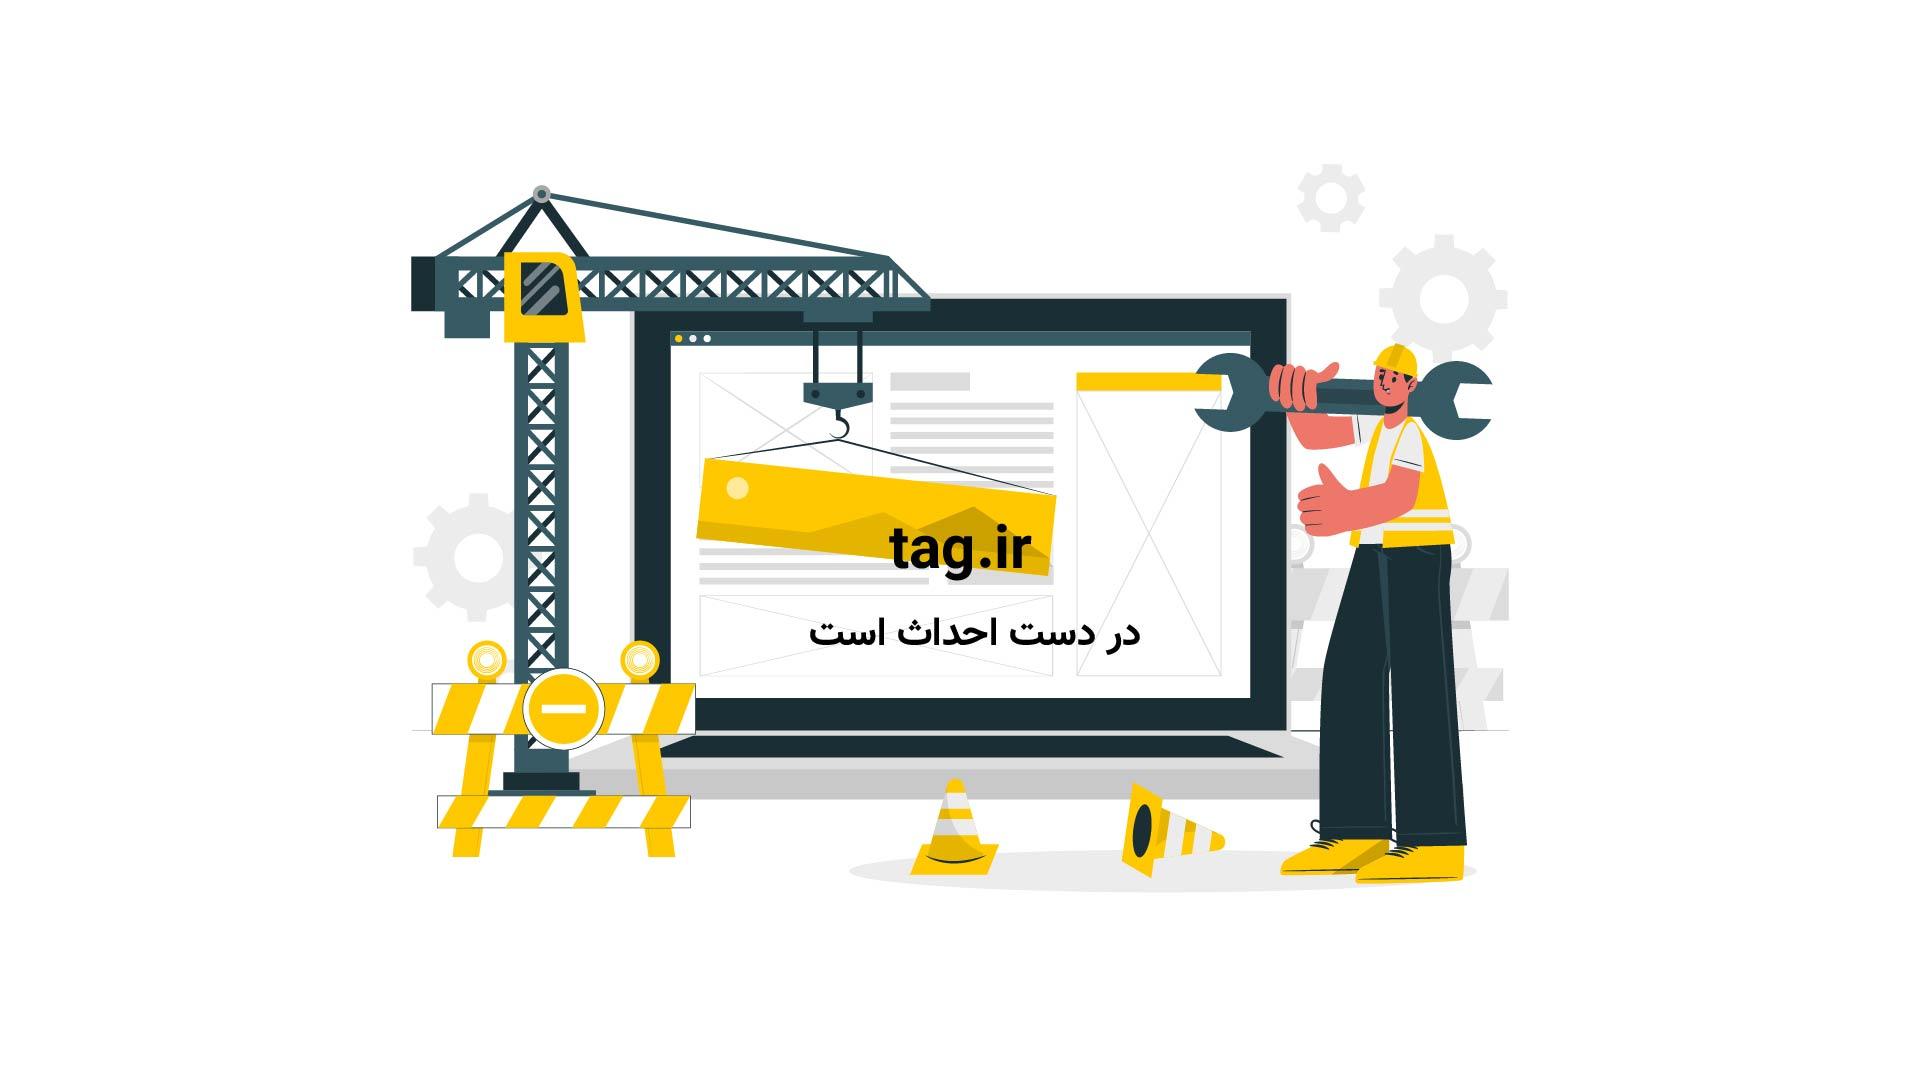 هندوانه طرح گل | تگ